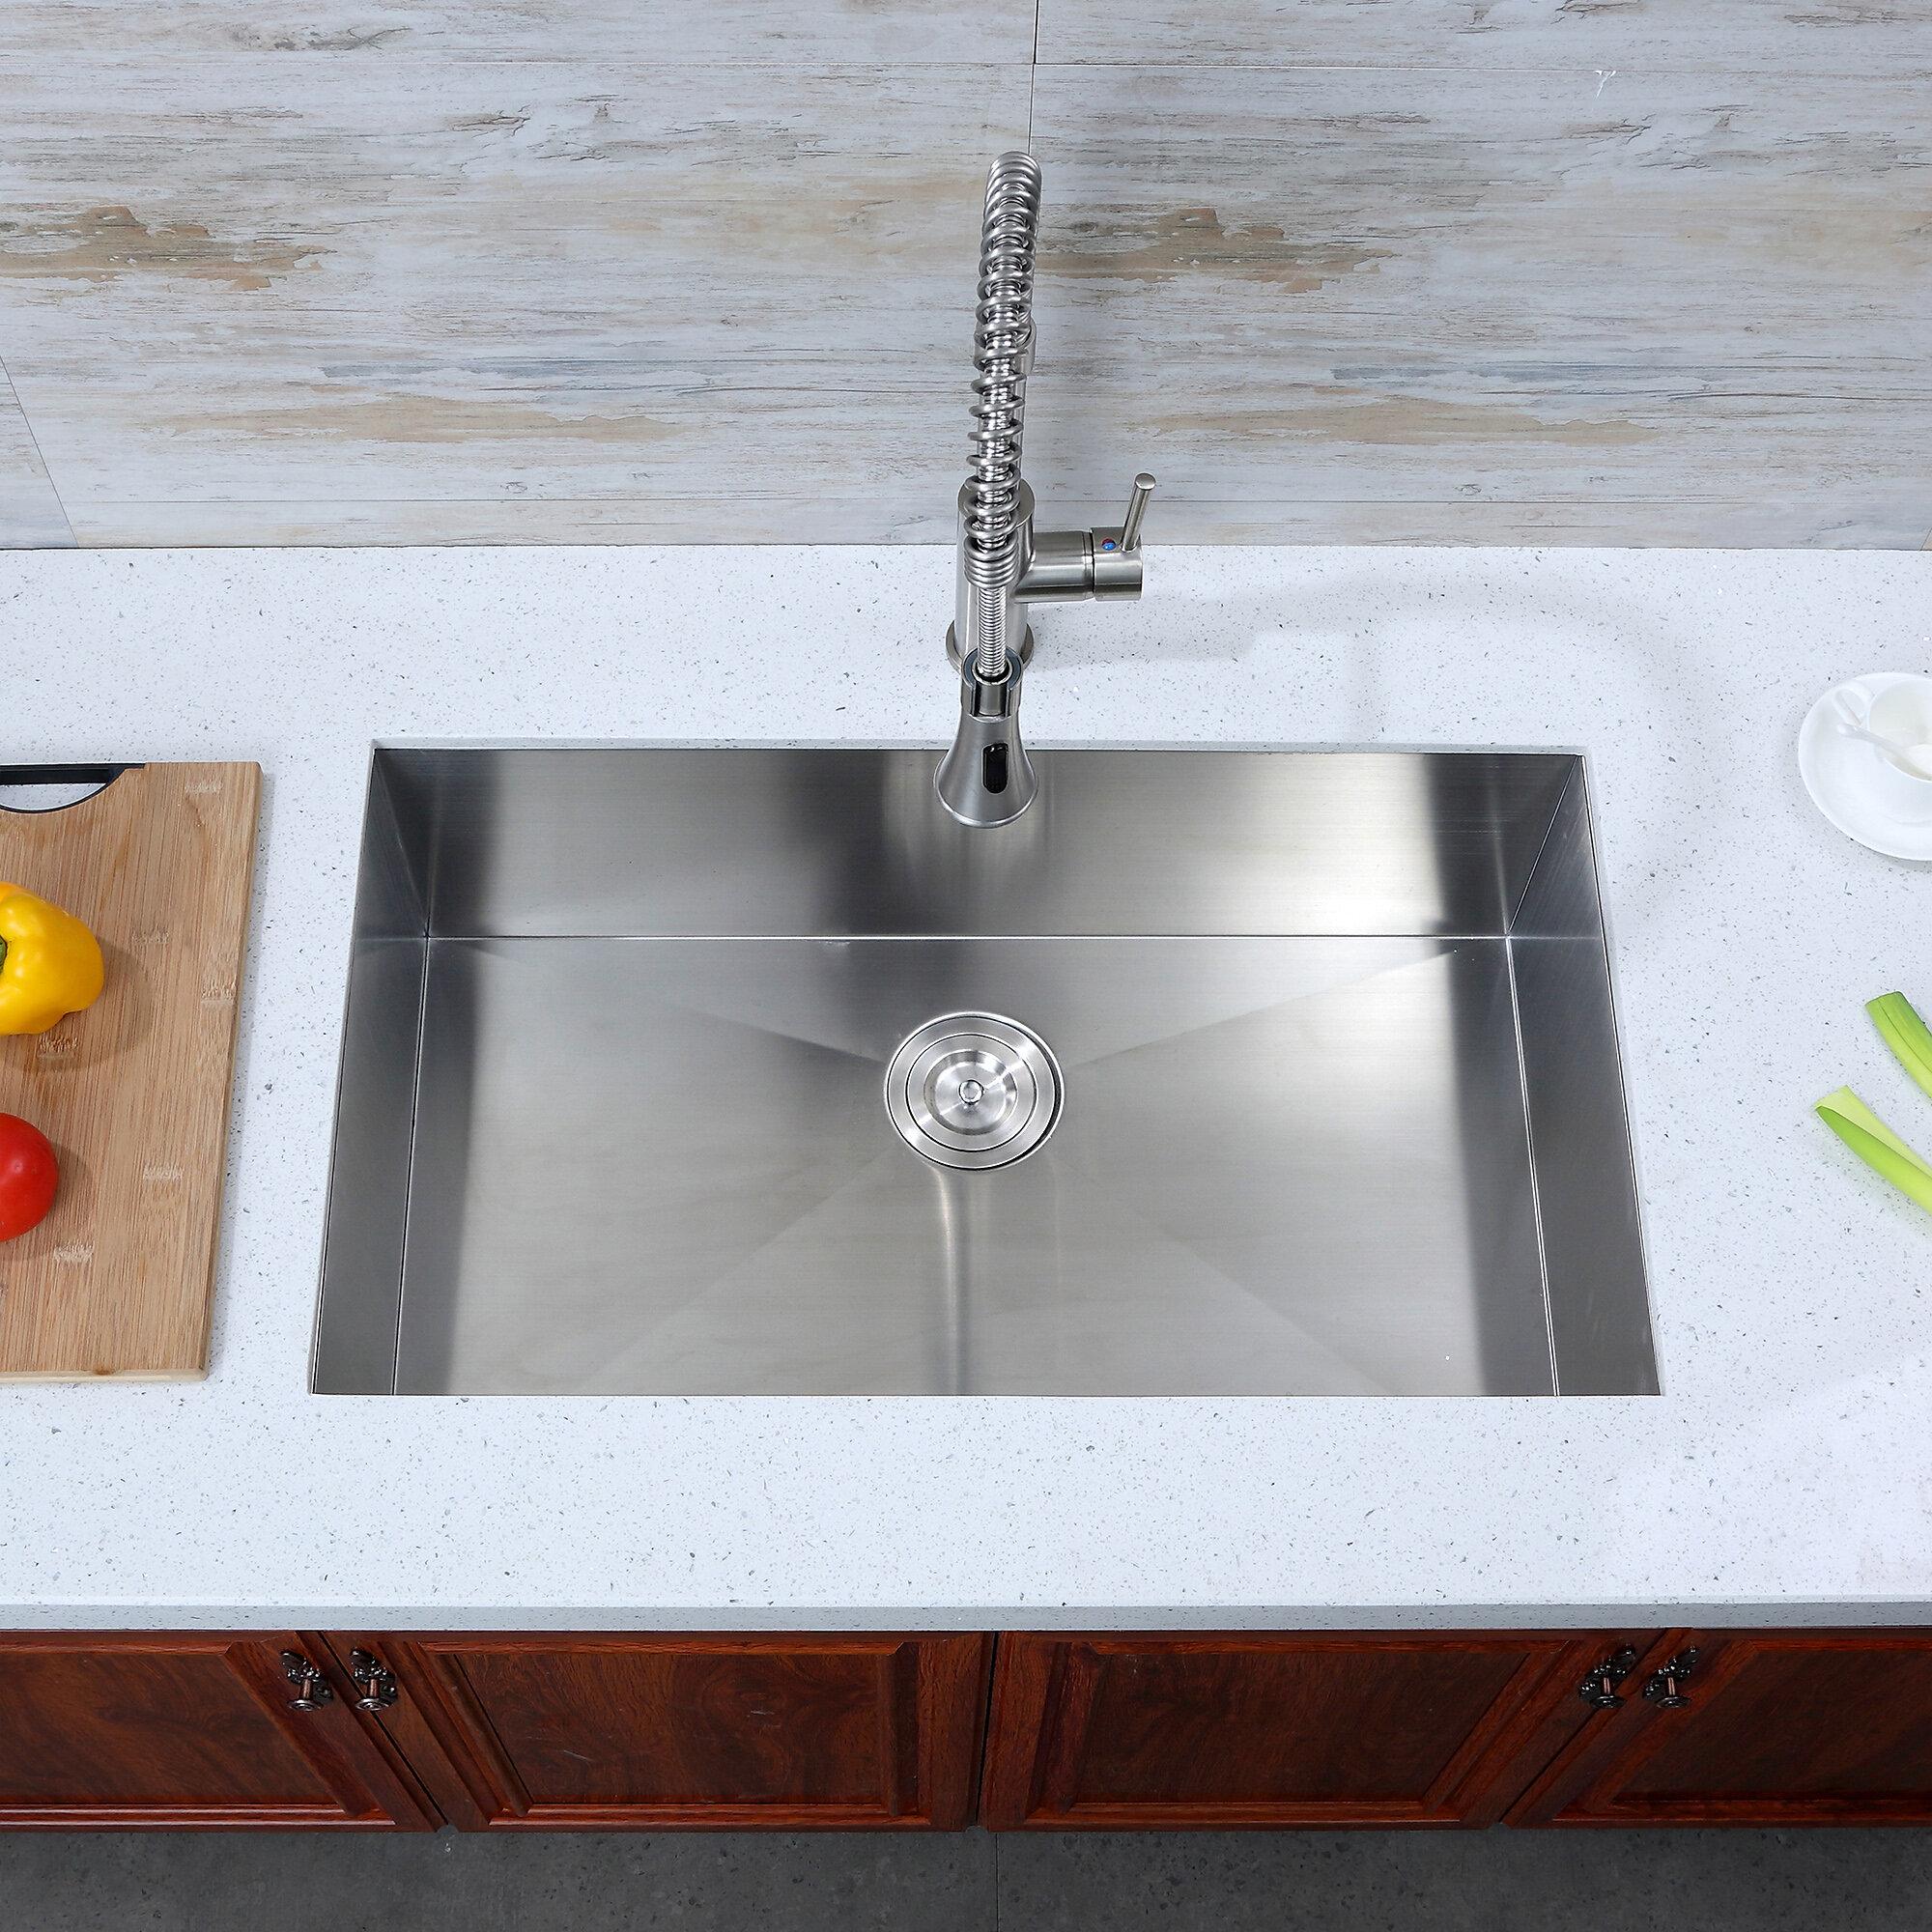 Luxier 30 L X 18 W Undermount Kitchen Sink Reviews Wayfair